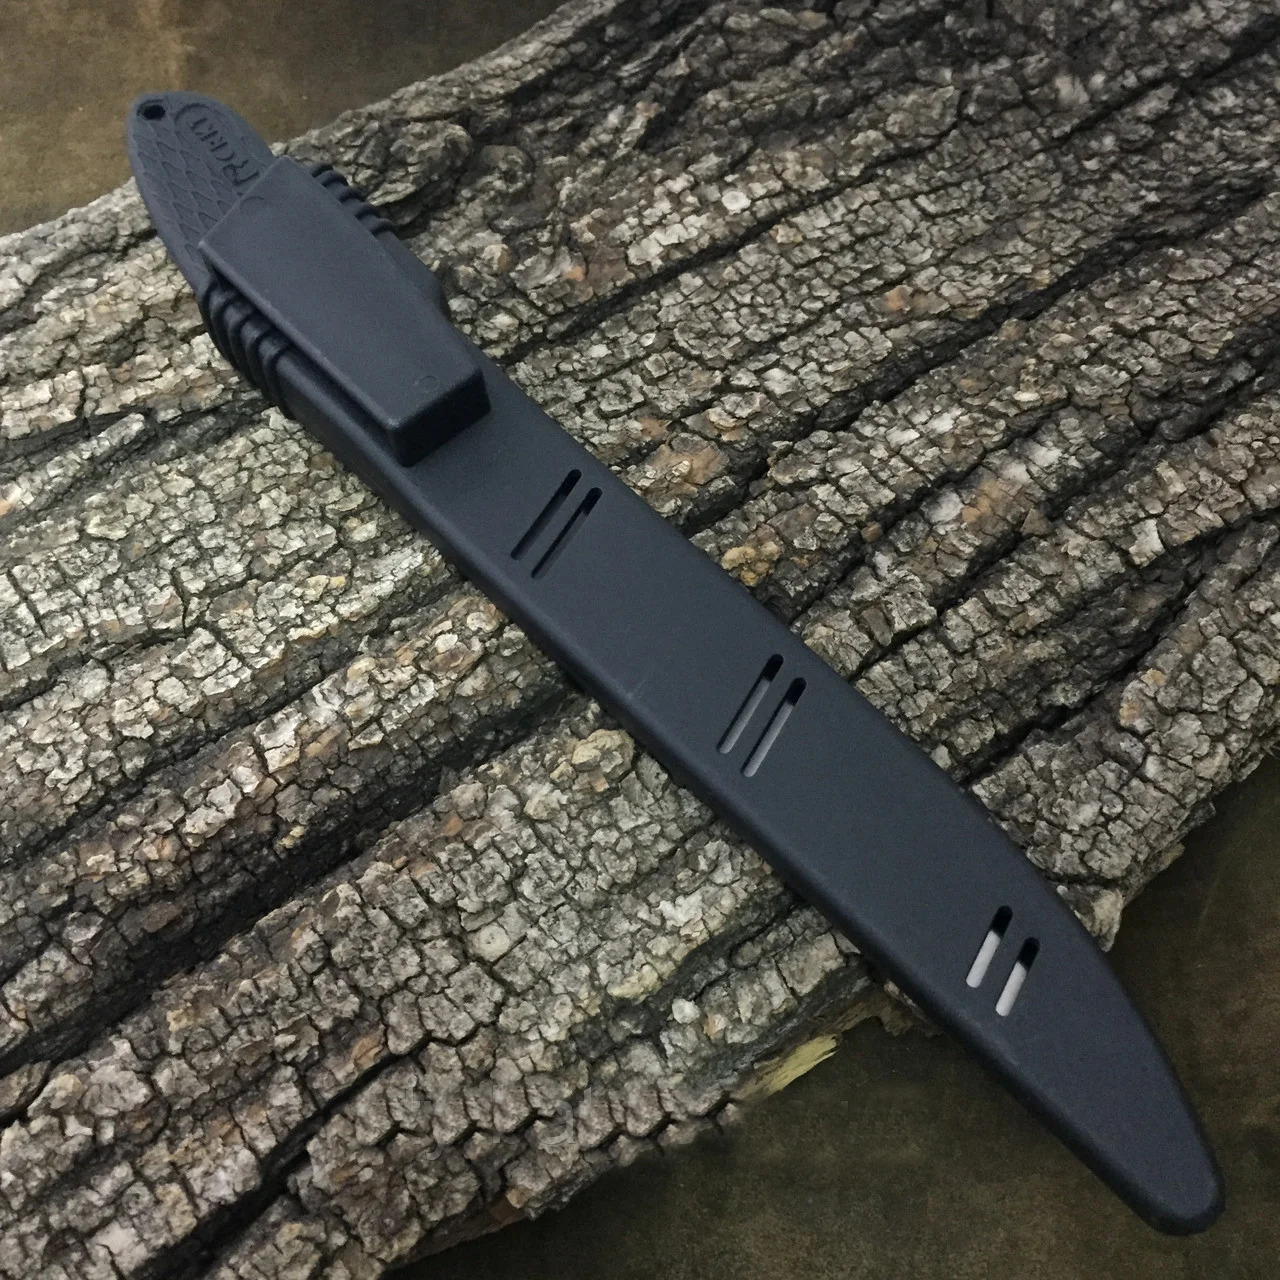 Фото 11 - Филейный нож CRKT 3017C Fillet, сталь 5Cr15MoV, рукоять полипропилен